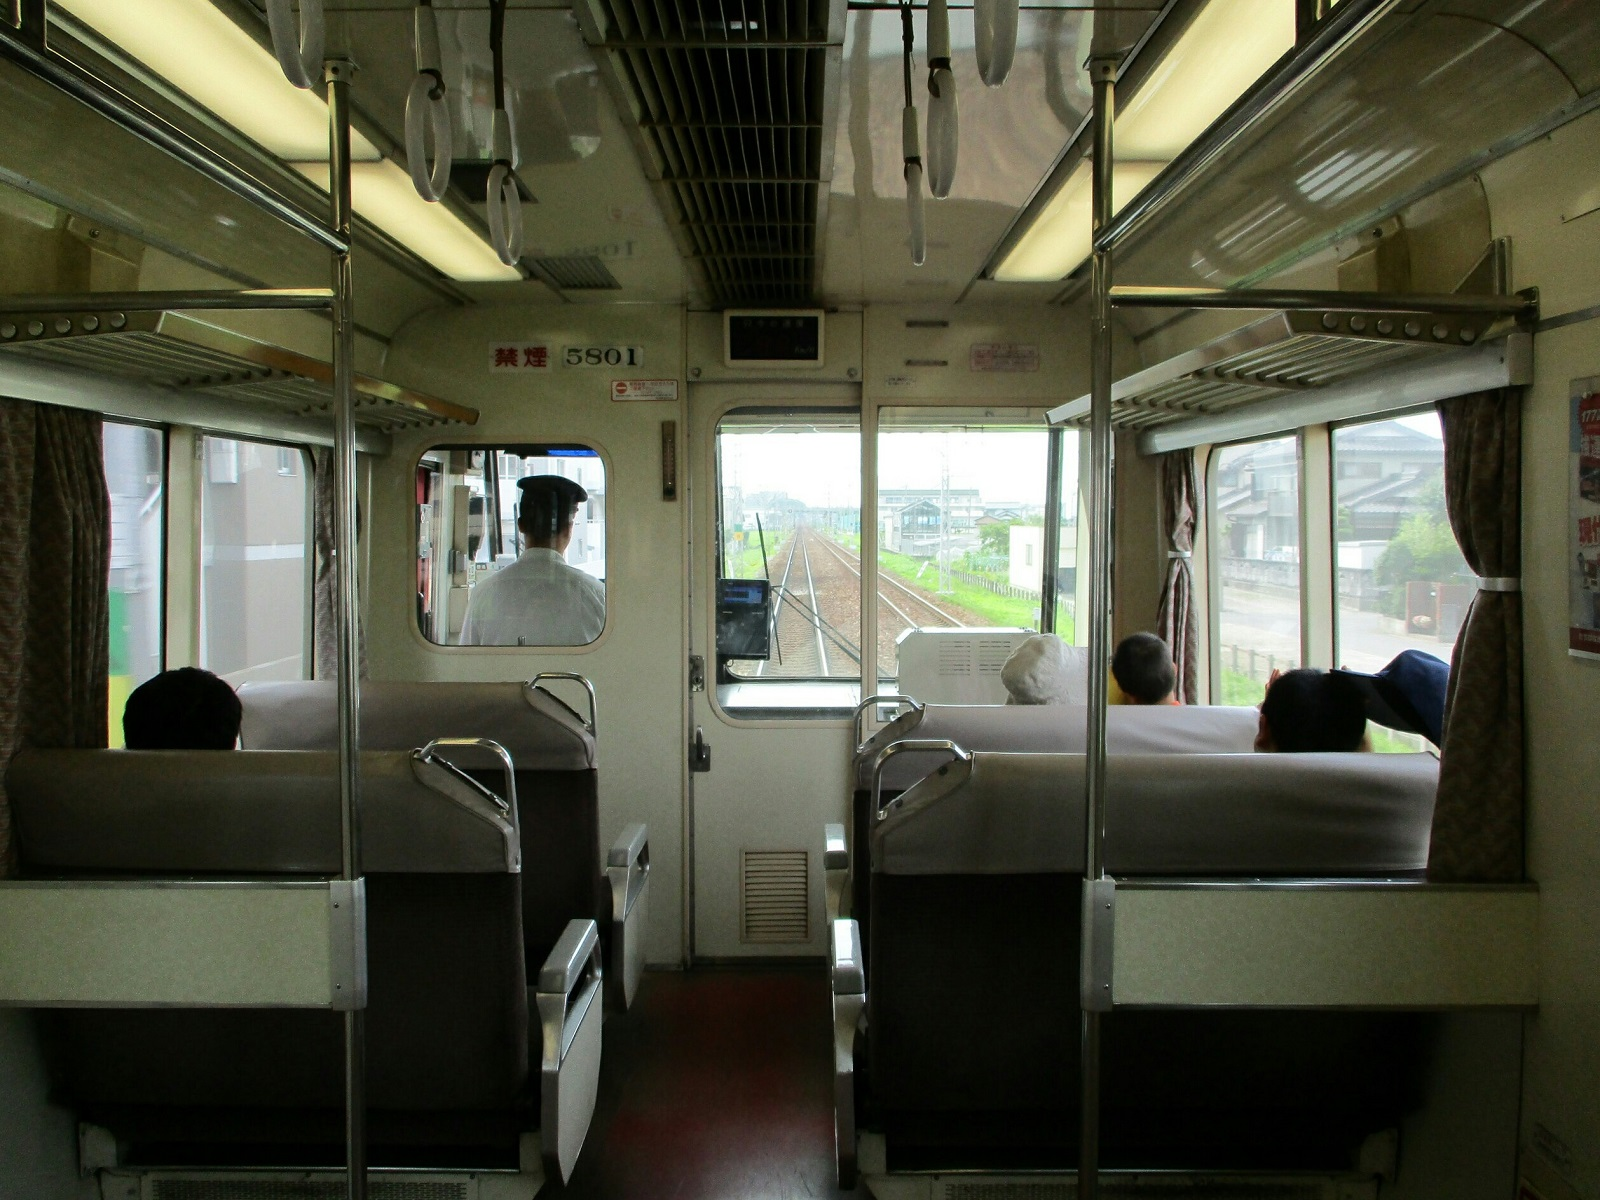 2018.7.11 (19) 犬山いきふつう - 矢作橋-宇頭間 1600-1200